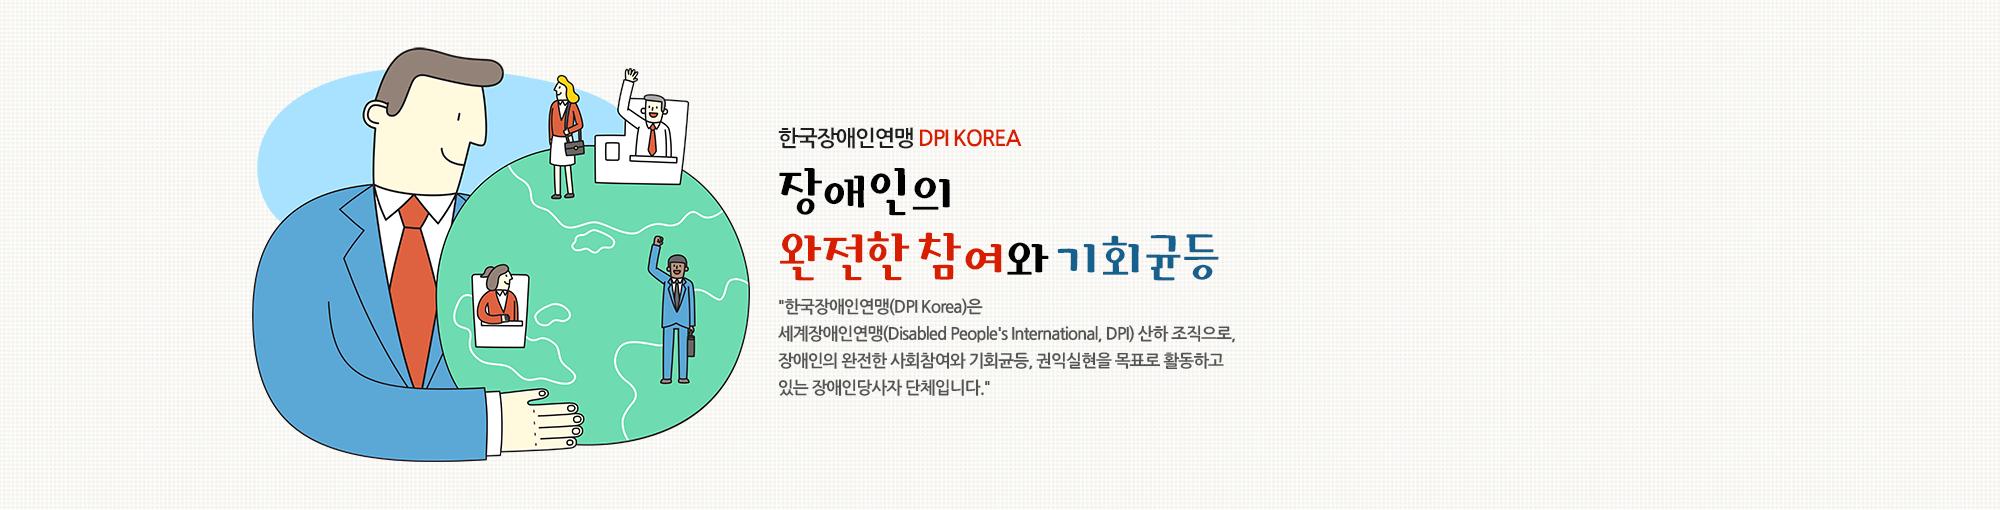 """한국장애인연맹 DPIKOREA 장애인의 완전한 참여와 기회균등 """"한국장애인연맹(DPI Korea)은 세계장애인연맹(Disabled People's International, DPI) 산하 조직으로, 장애인의 완전한 사회참여와 기회균등, 권익실현을 목표로 활동하고 있는 장애인당사자 단체입니다."""